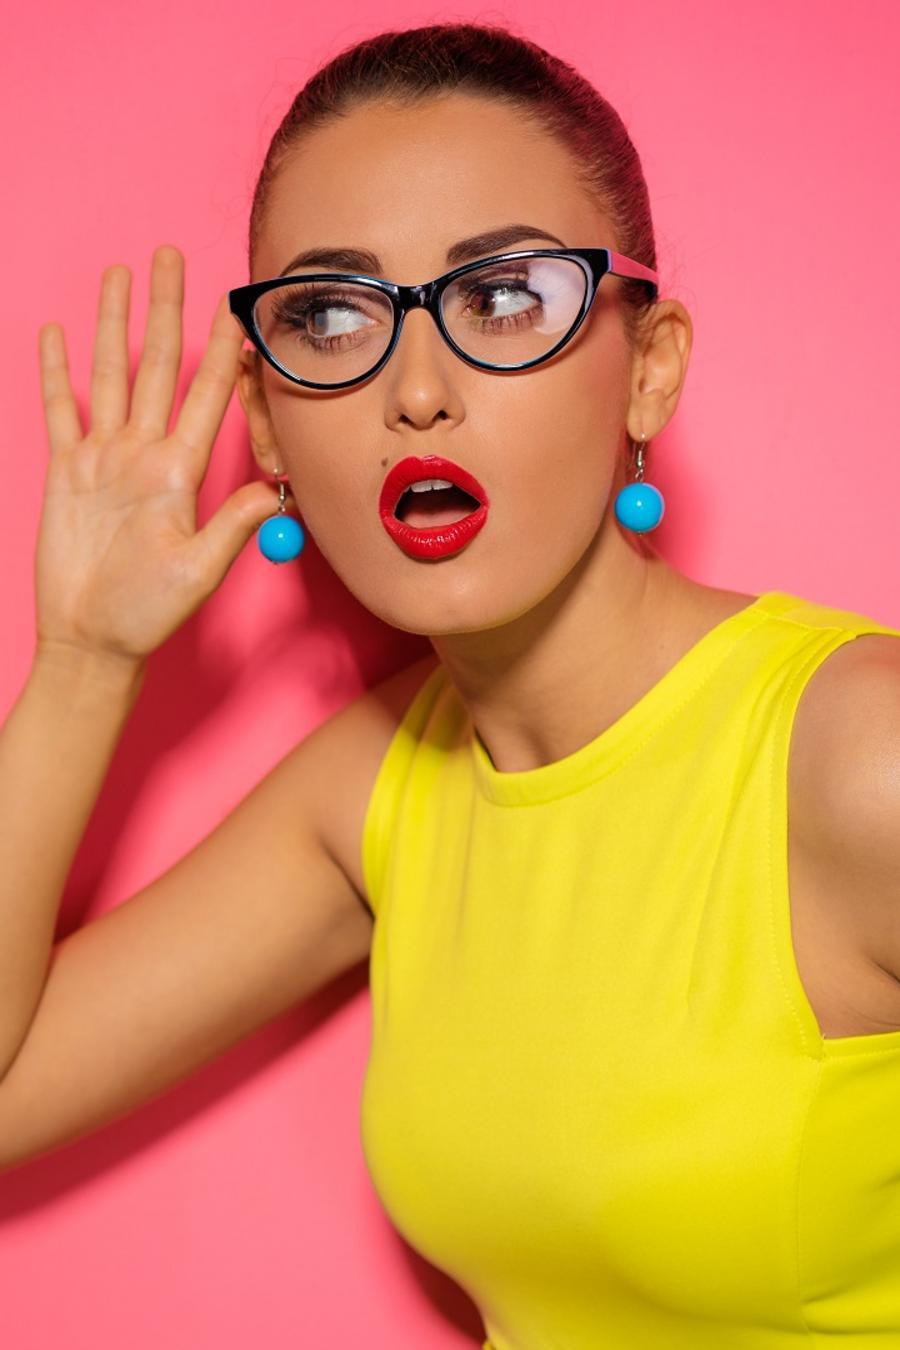 Mujer con vestido amarillo con una mano en el oido